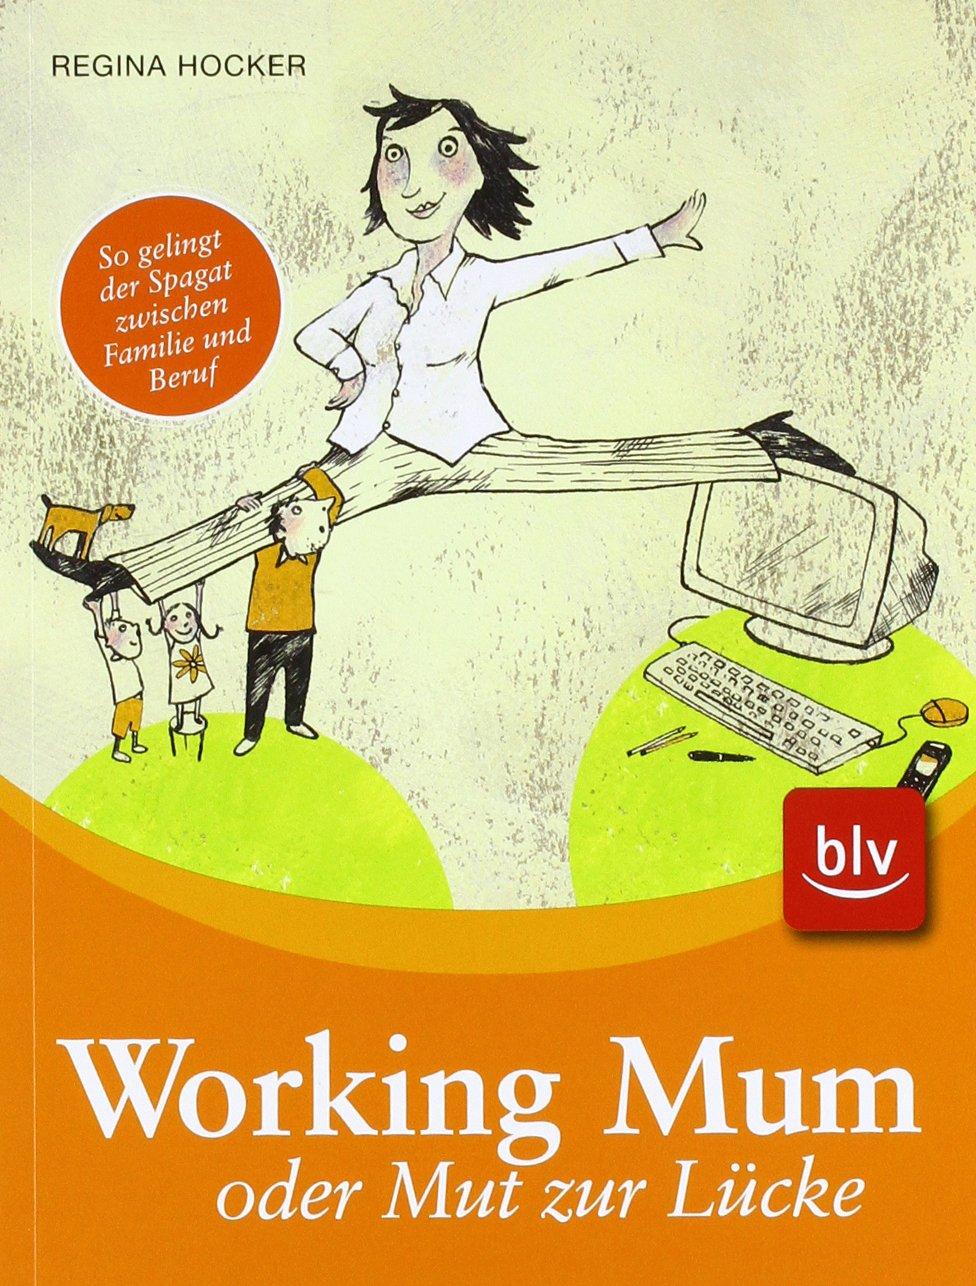 Working Mum oder Mut zur Lücke: Stopper: So gelingt der Spagat zwischen Familie und Beruf